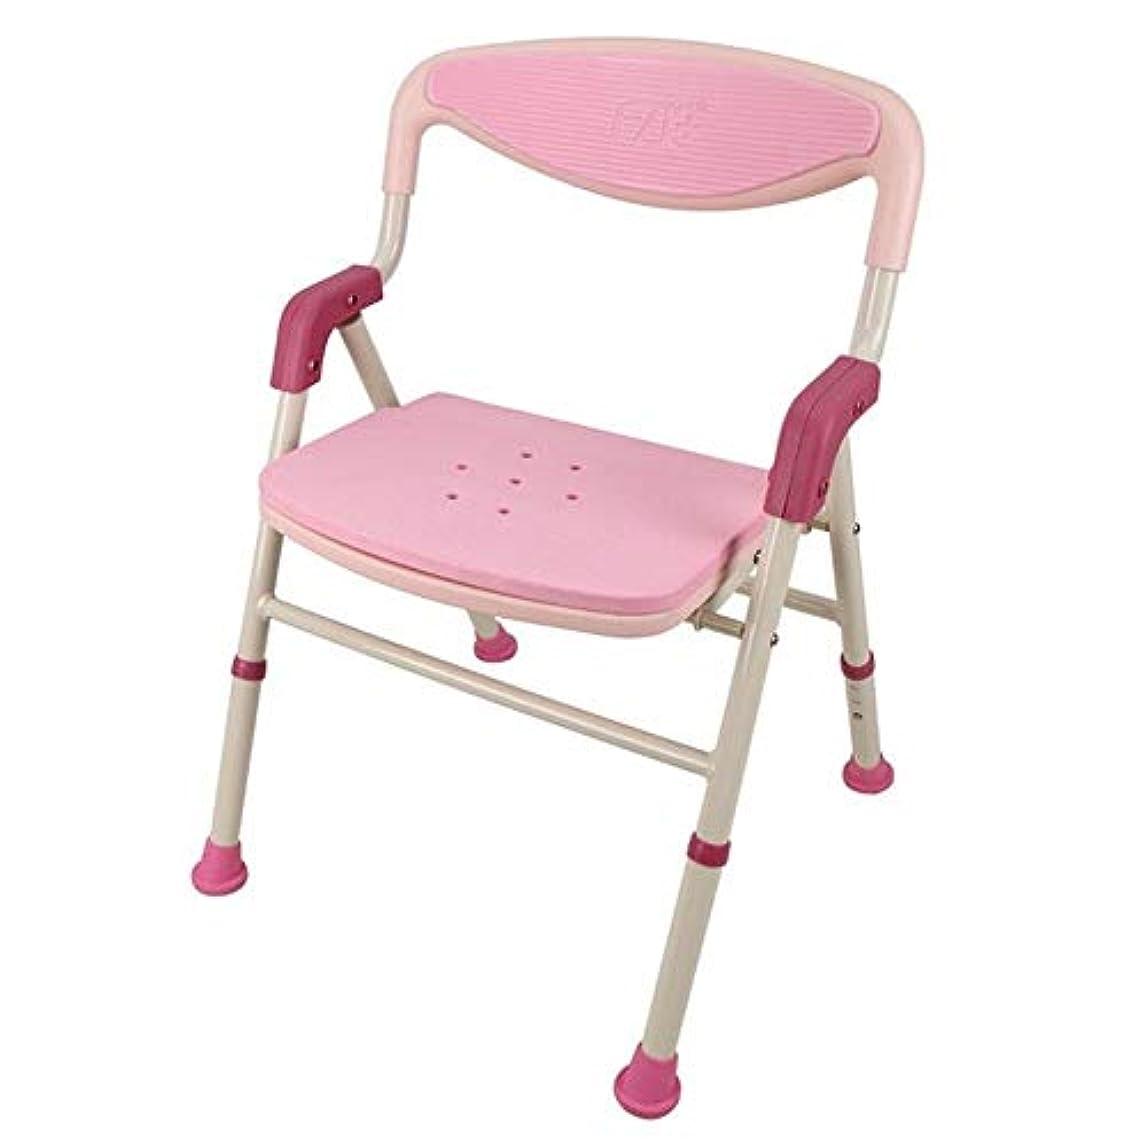 適度に靴準備する浴室の腰掛けのアルミニウムシャワーの座席椅子の滑り止めの高さの調節可能な障害援助